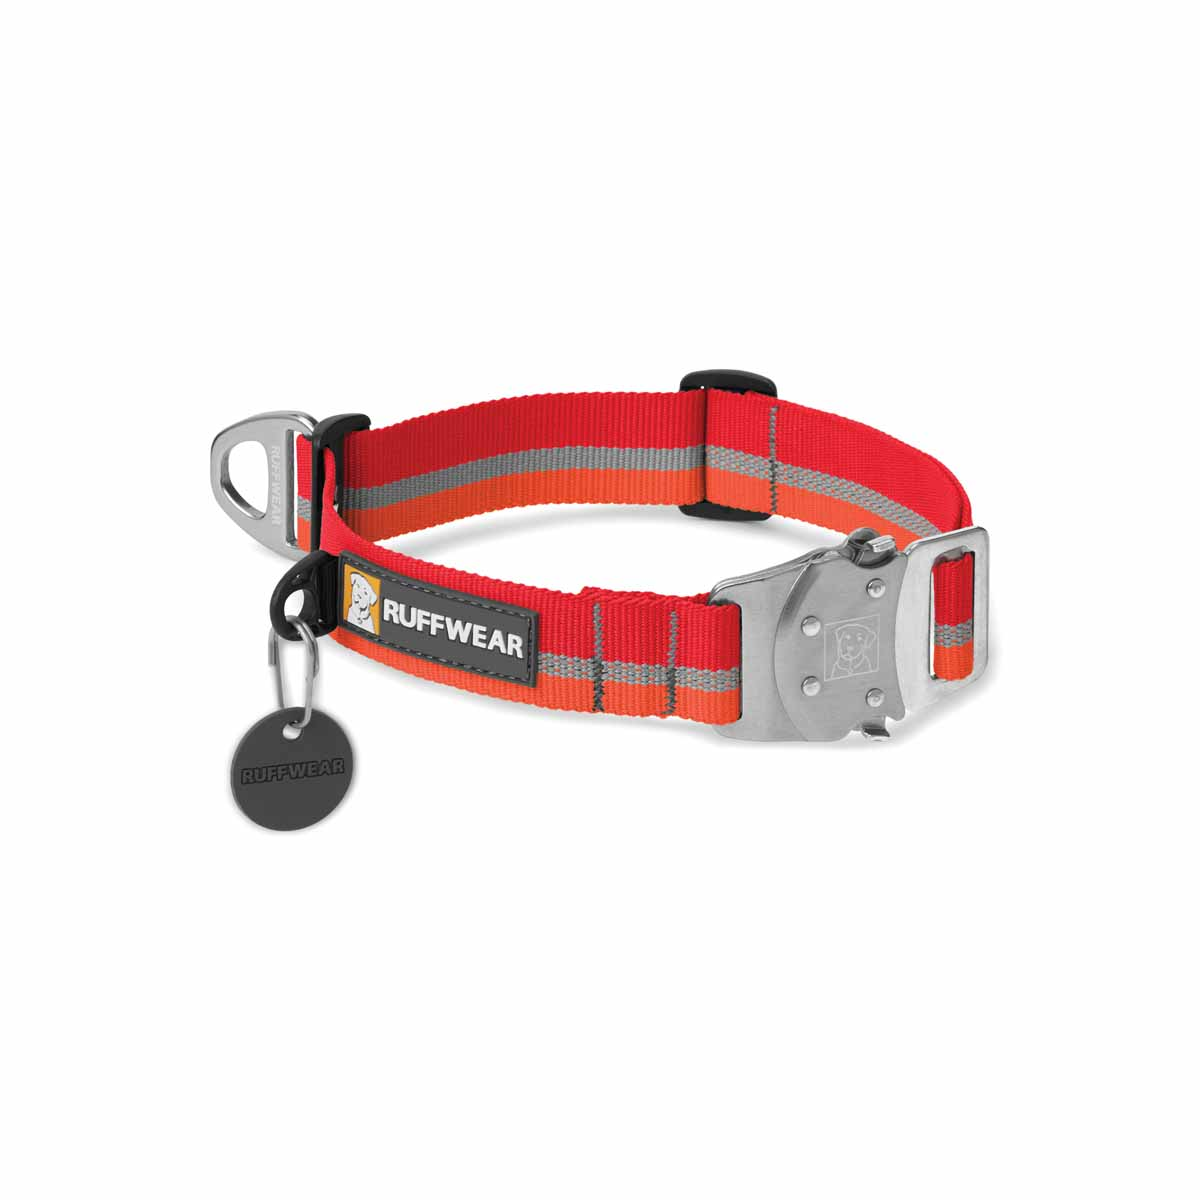 Top Rope Dog Collar by RuffWear - Kokanee Red